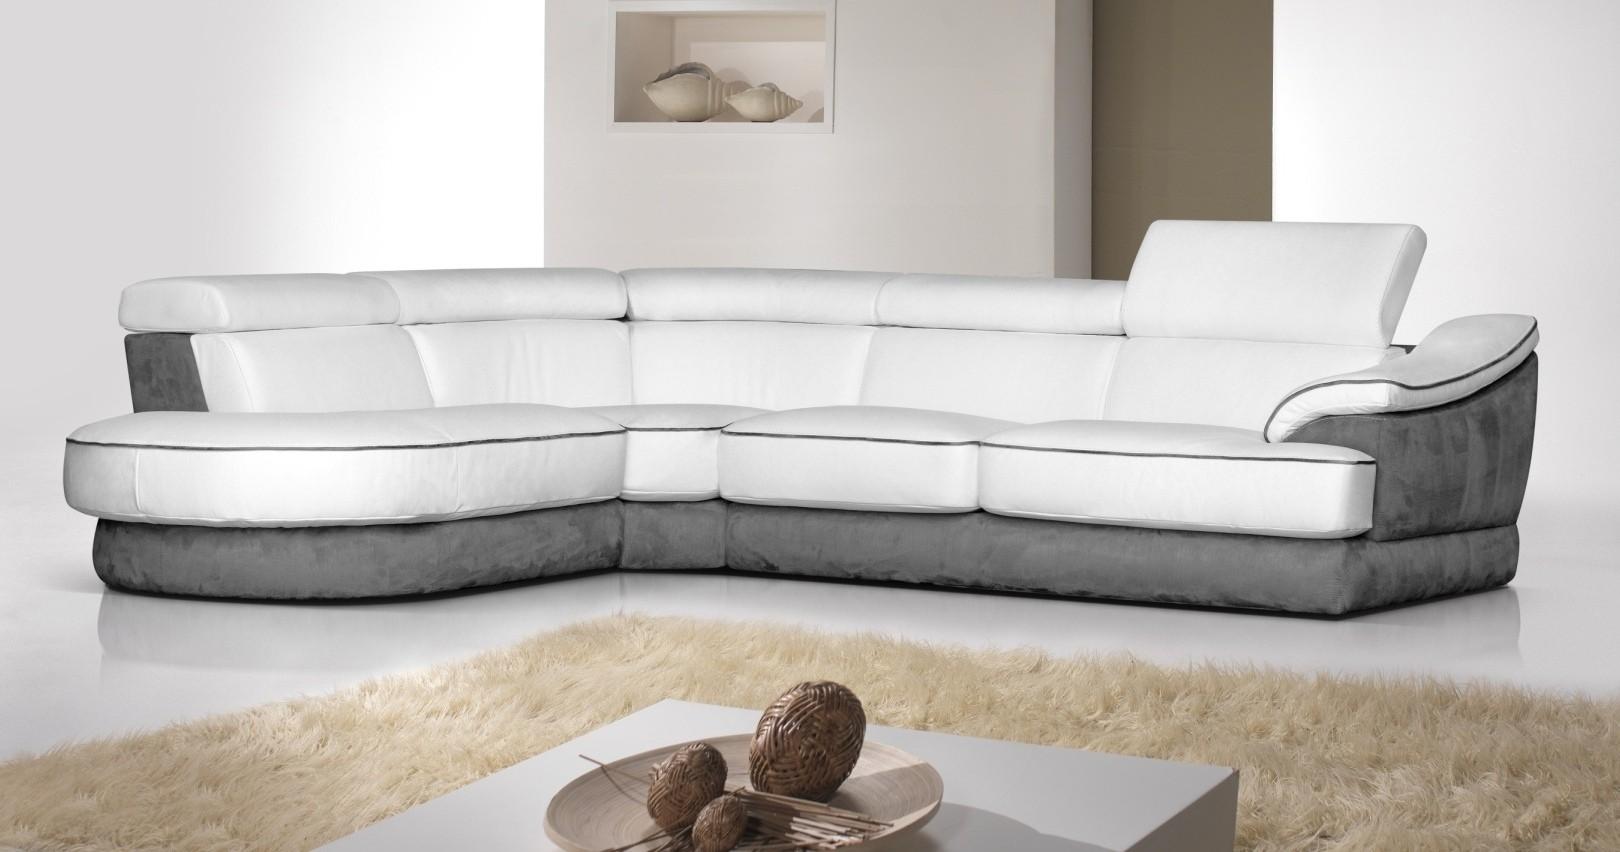 canap d 39 angle bi matiere rome personnalisable sur univers. Black Bedroom Furniture Sets. Home Design Ideas